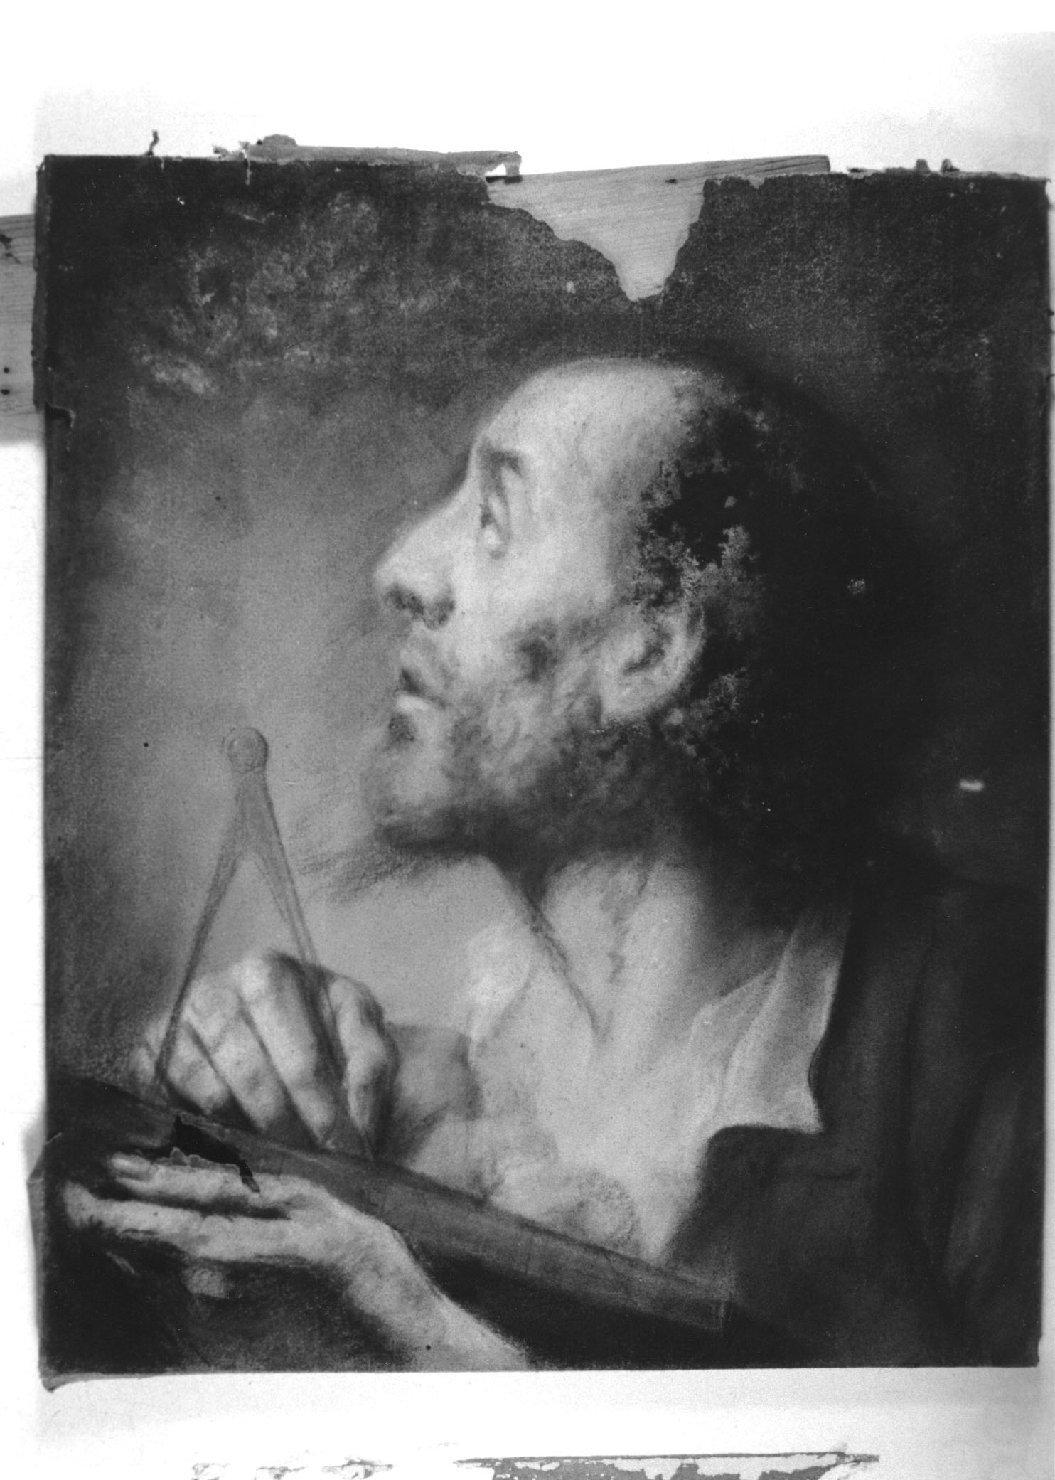 ritratto di filosofo (disegno, opera isolata) di Piazzetta Giovanni Battista (attribuito) (prima metà sec. XVIII)